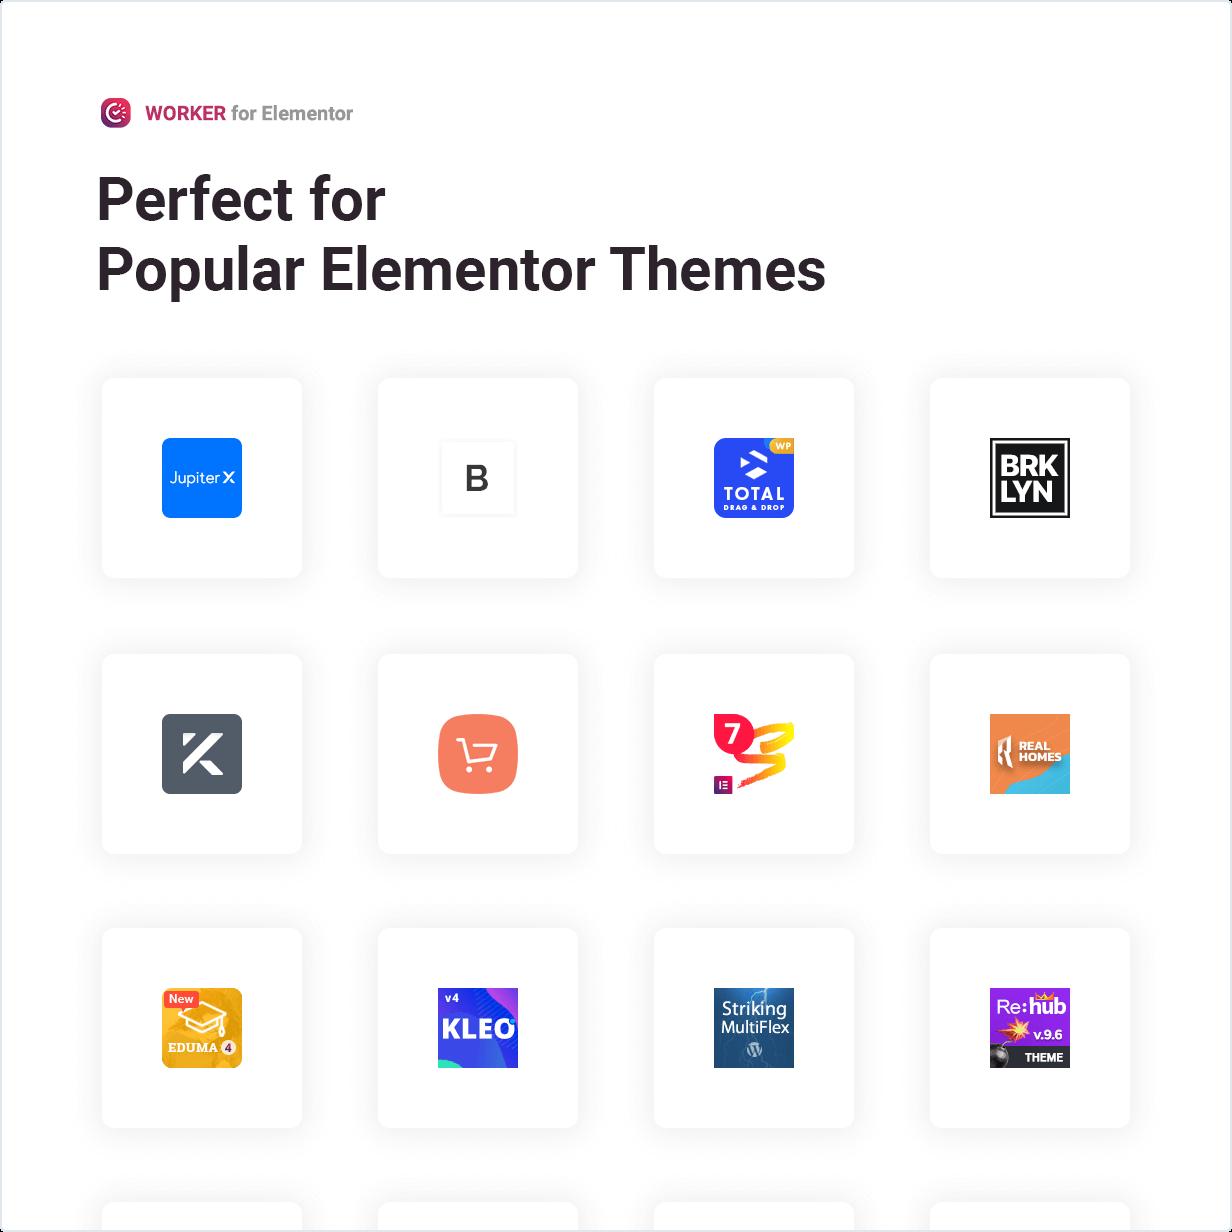 Das Worker-Widget eignet sich perfekt für beliebte Elementor-Designs